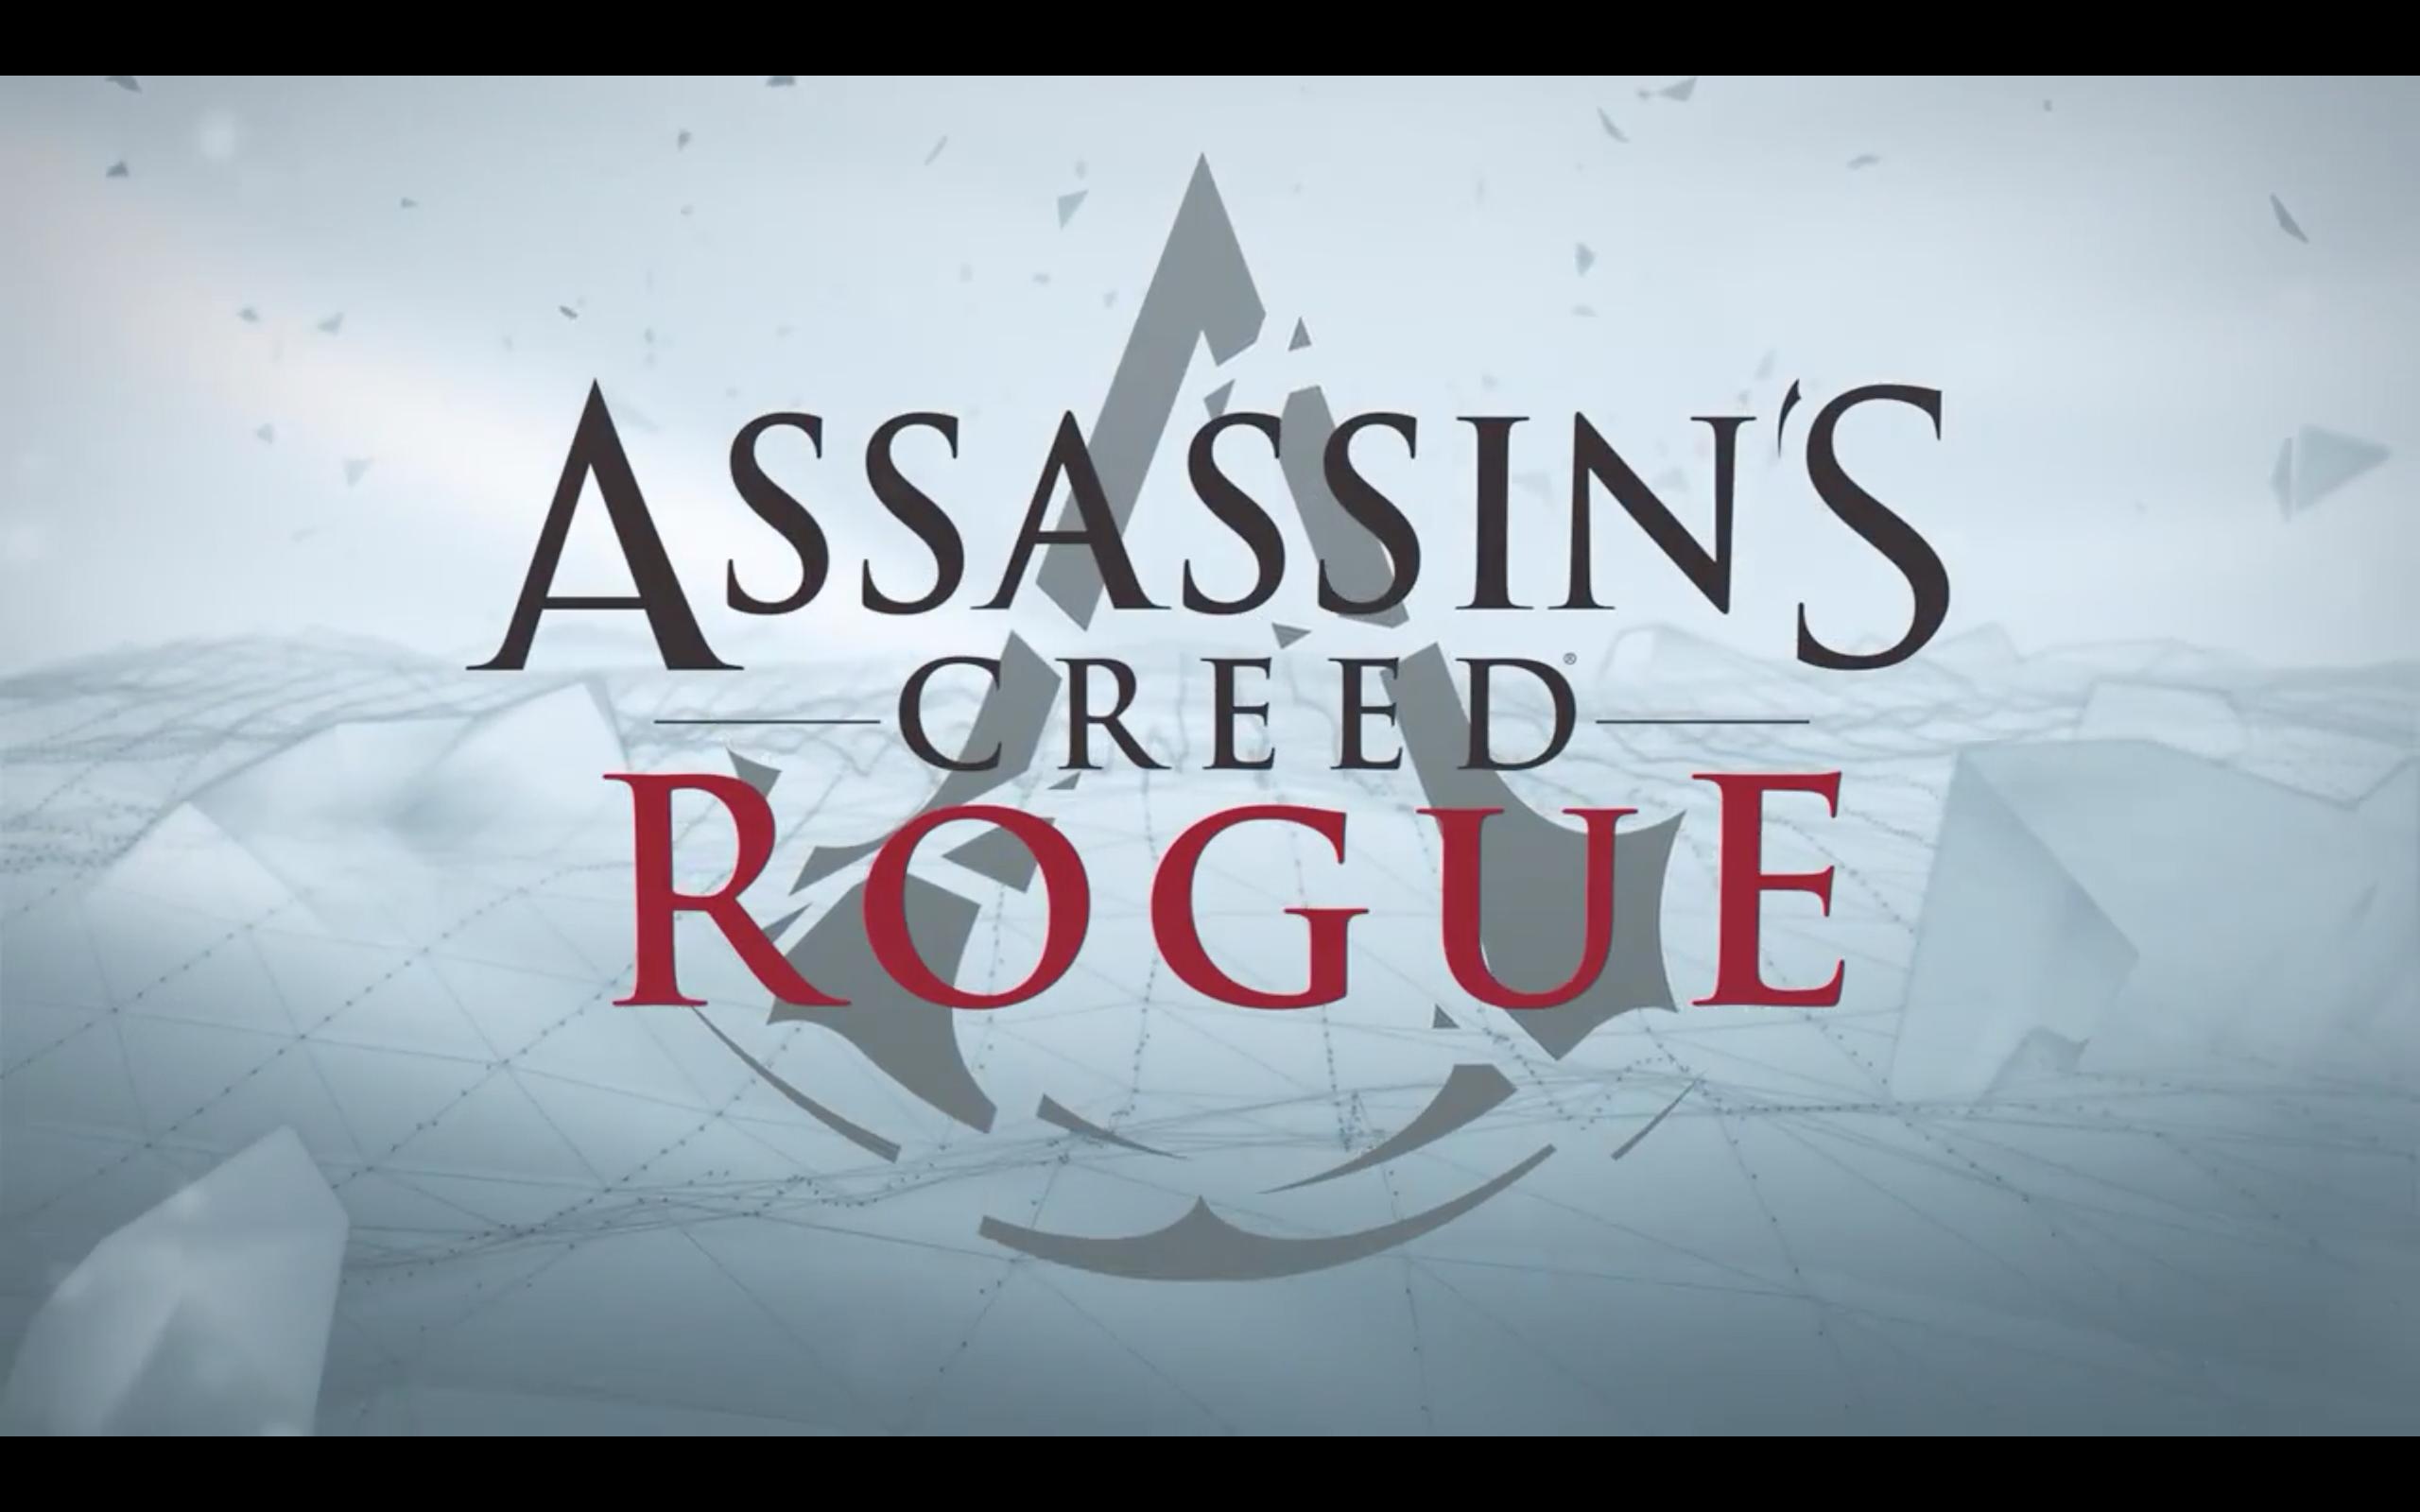 Assassasins Creed Rogue 4